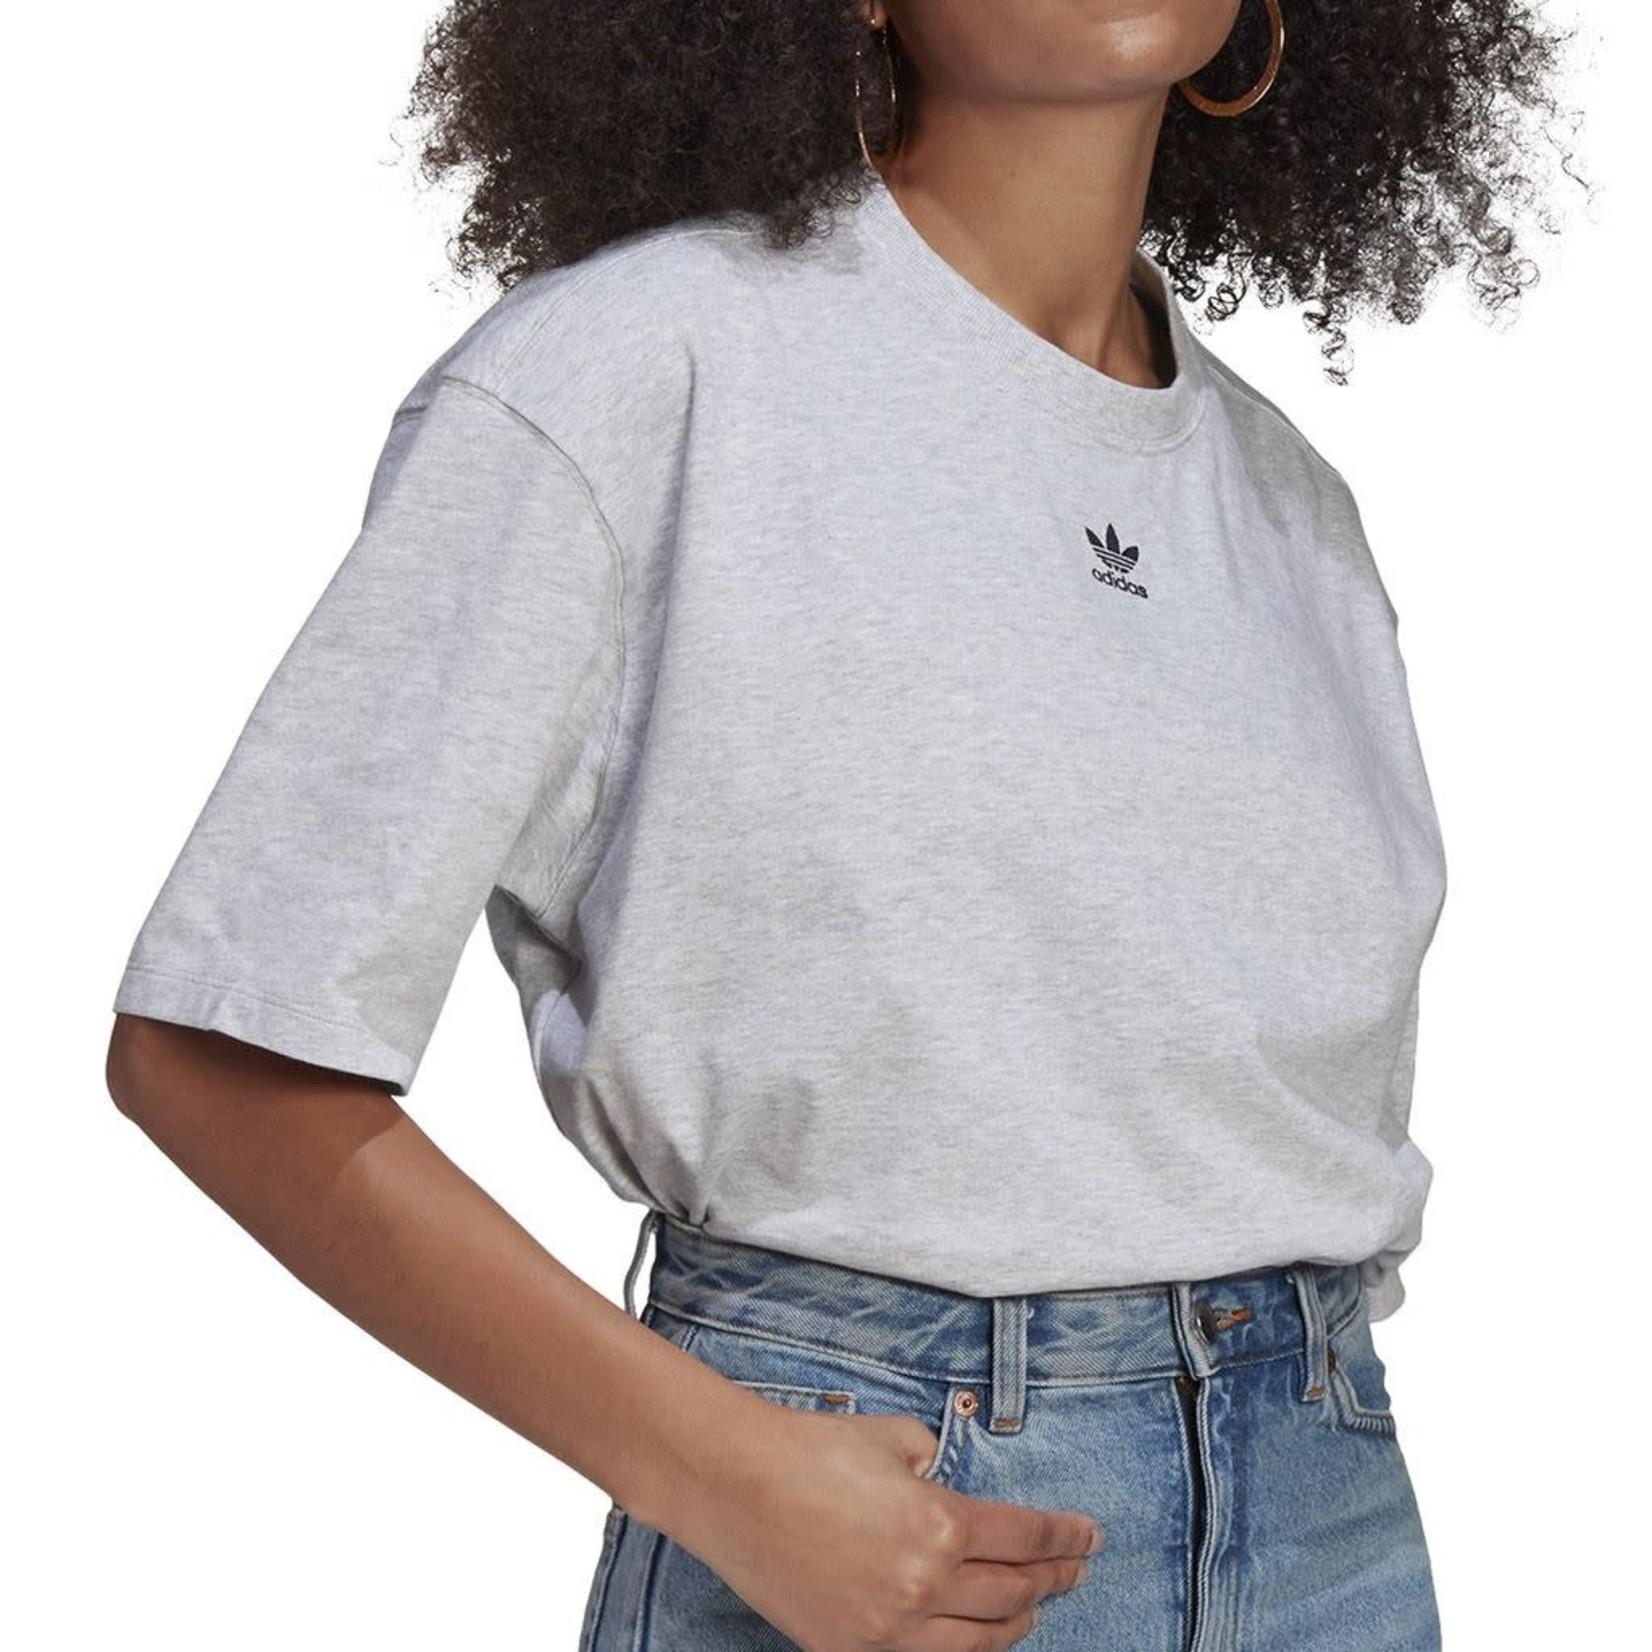 Adidas Adidas : Short Sleeve Tee